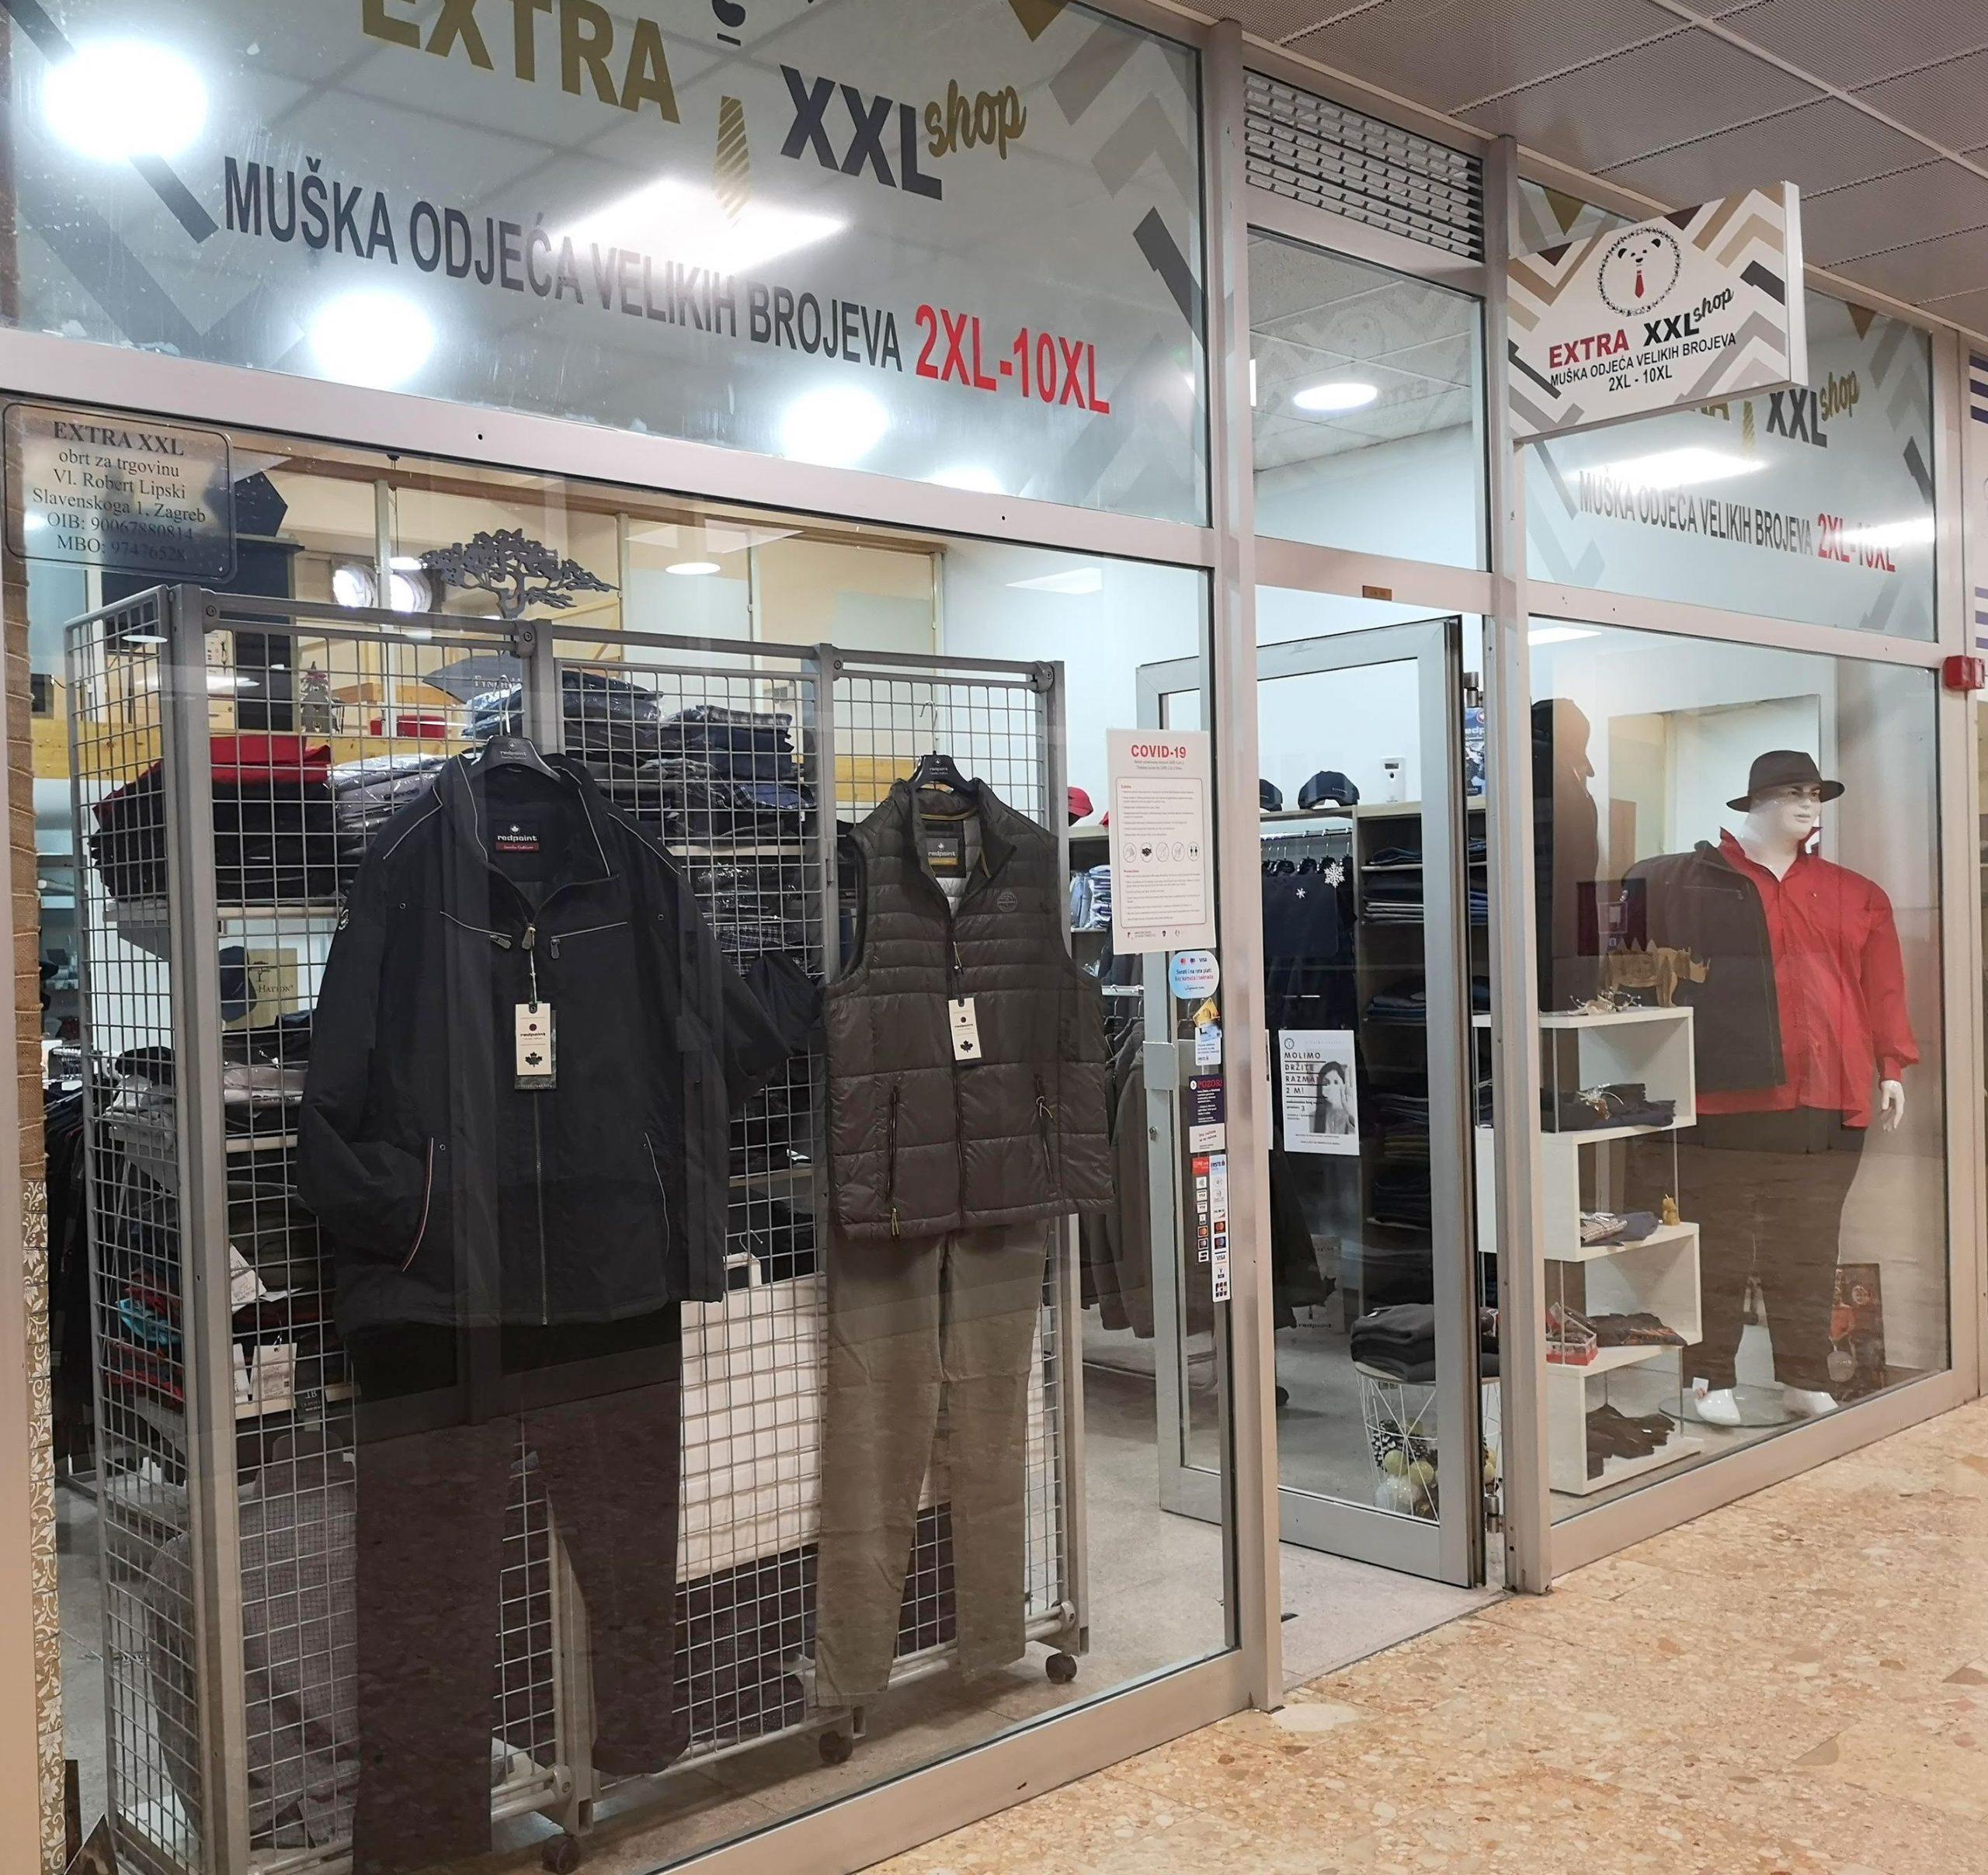 extra xxl shop specijalizirana trgovina za krupnije i punije muškarce